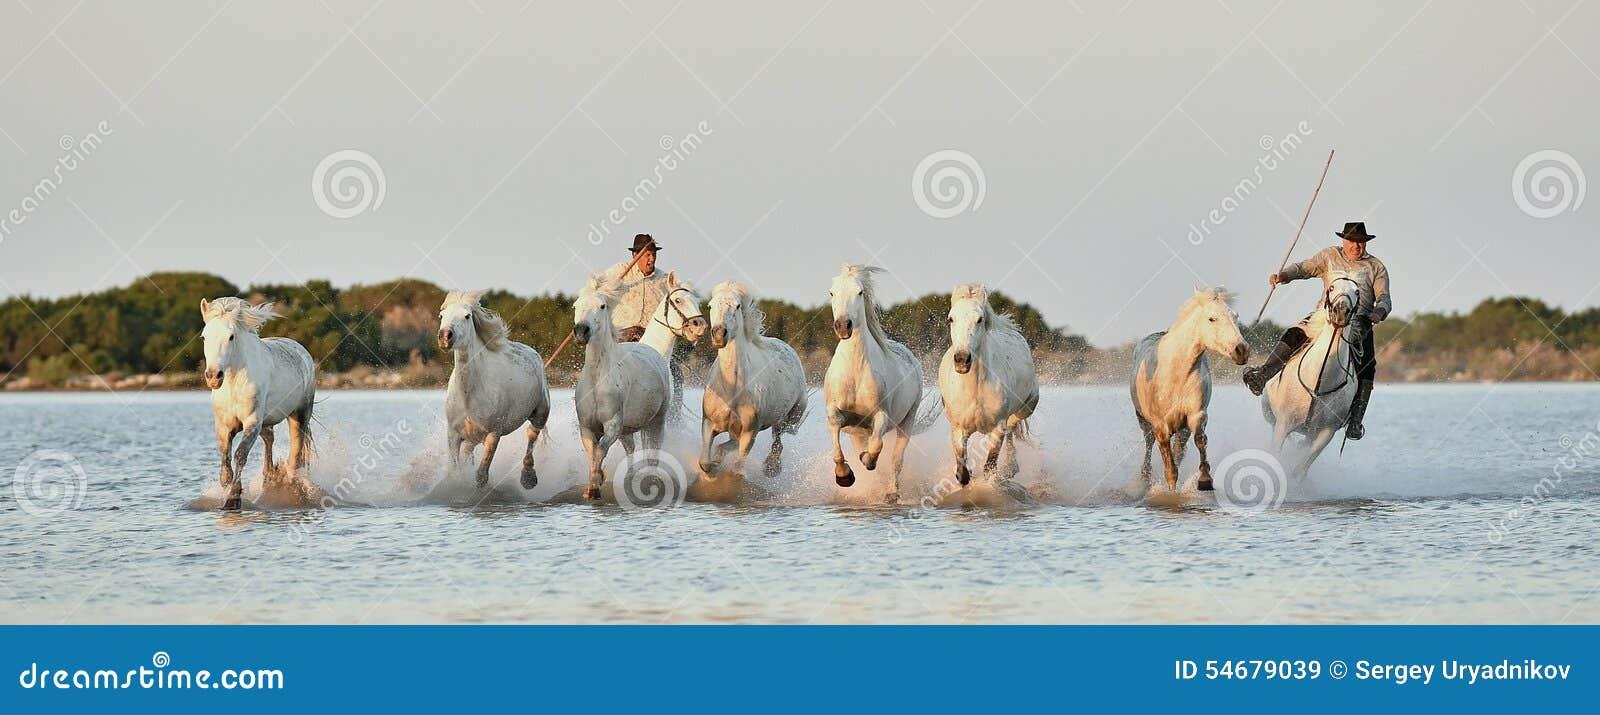 Raiders en Kudde van Witte Camargue-paarden die water doornemen